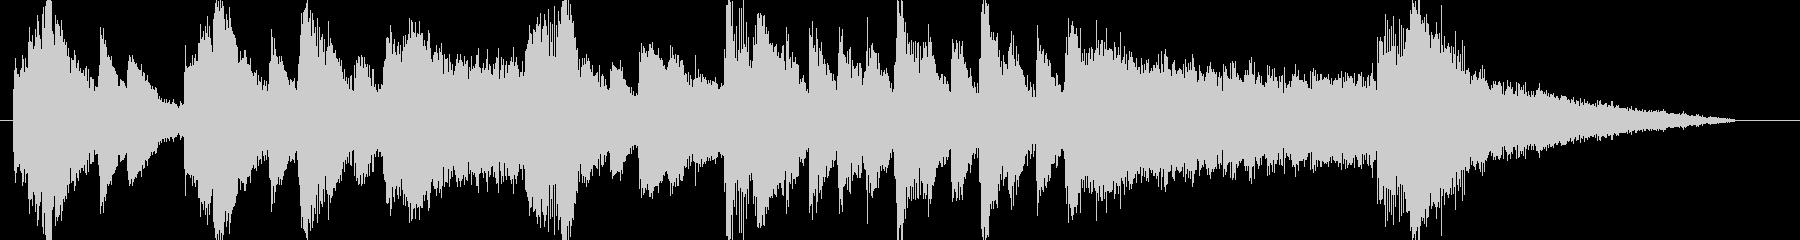 ピアノとストリングスのシリアスなフレーズの未再生の波形